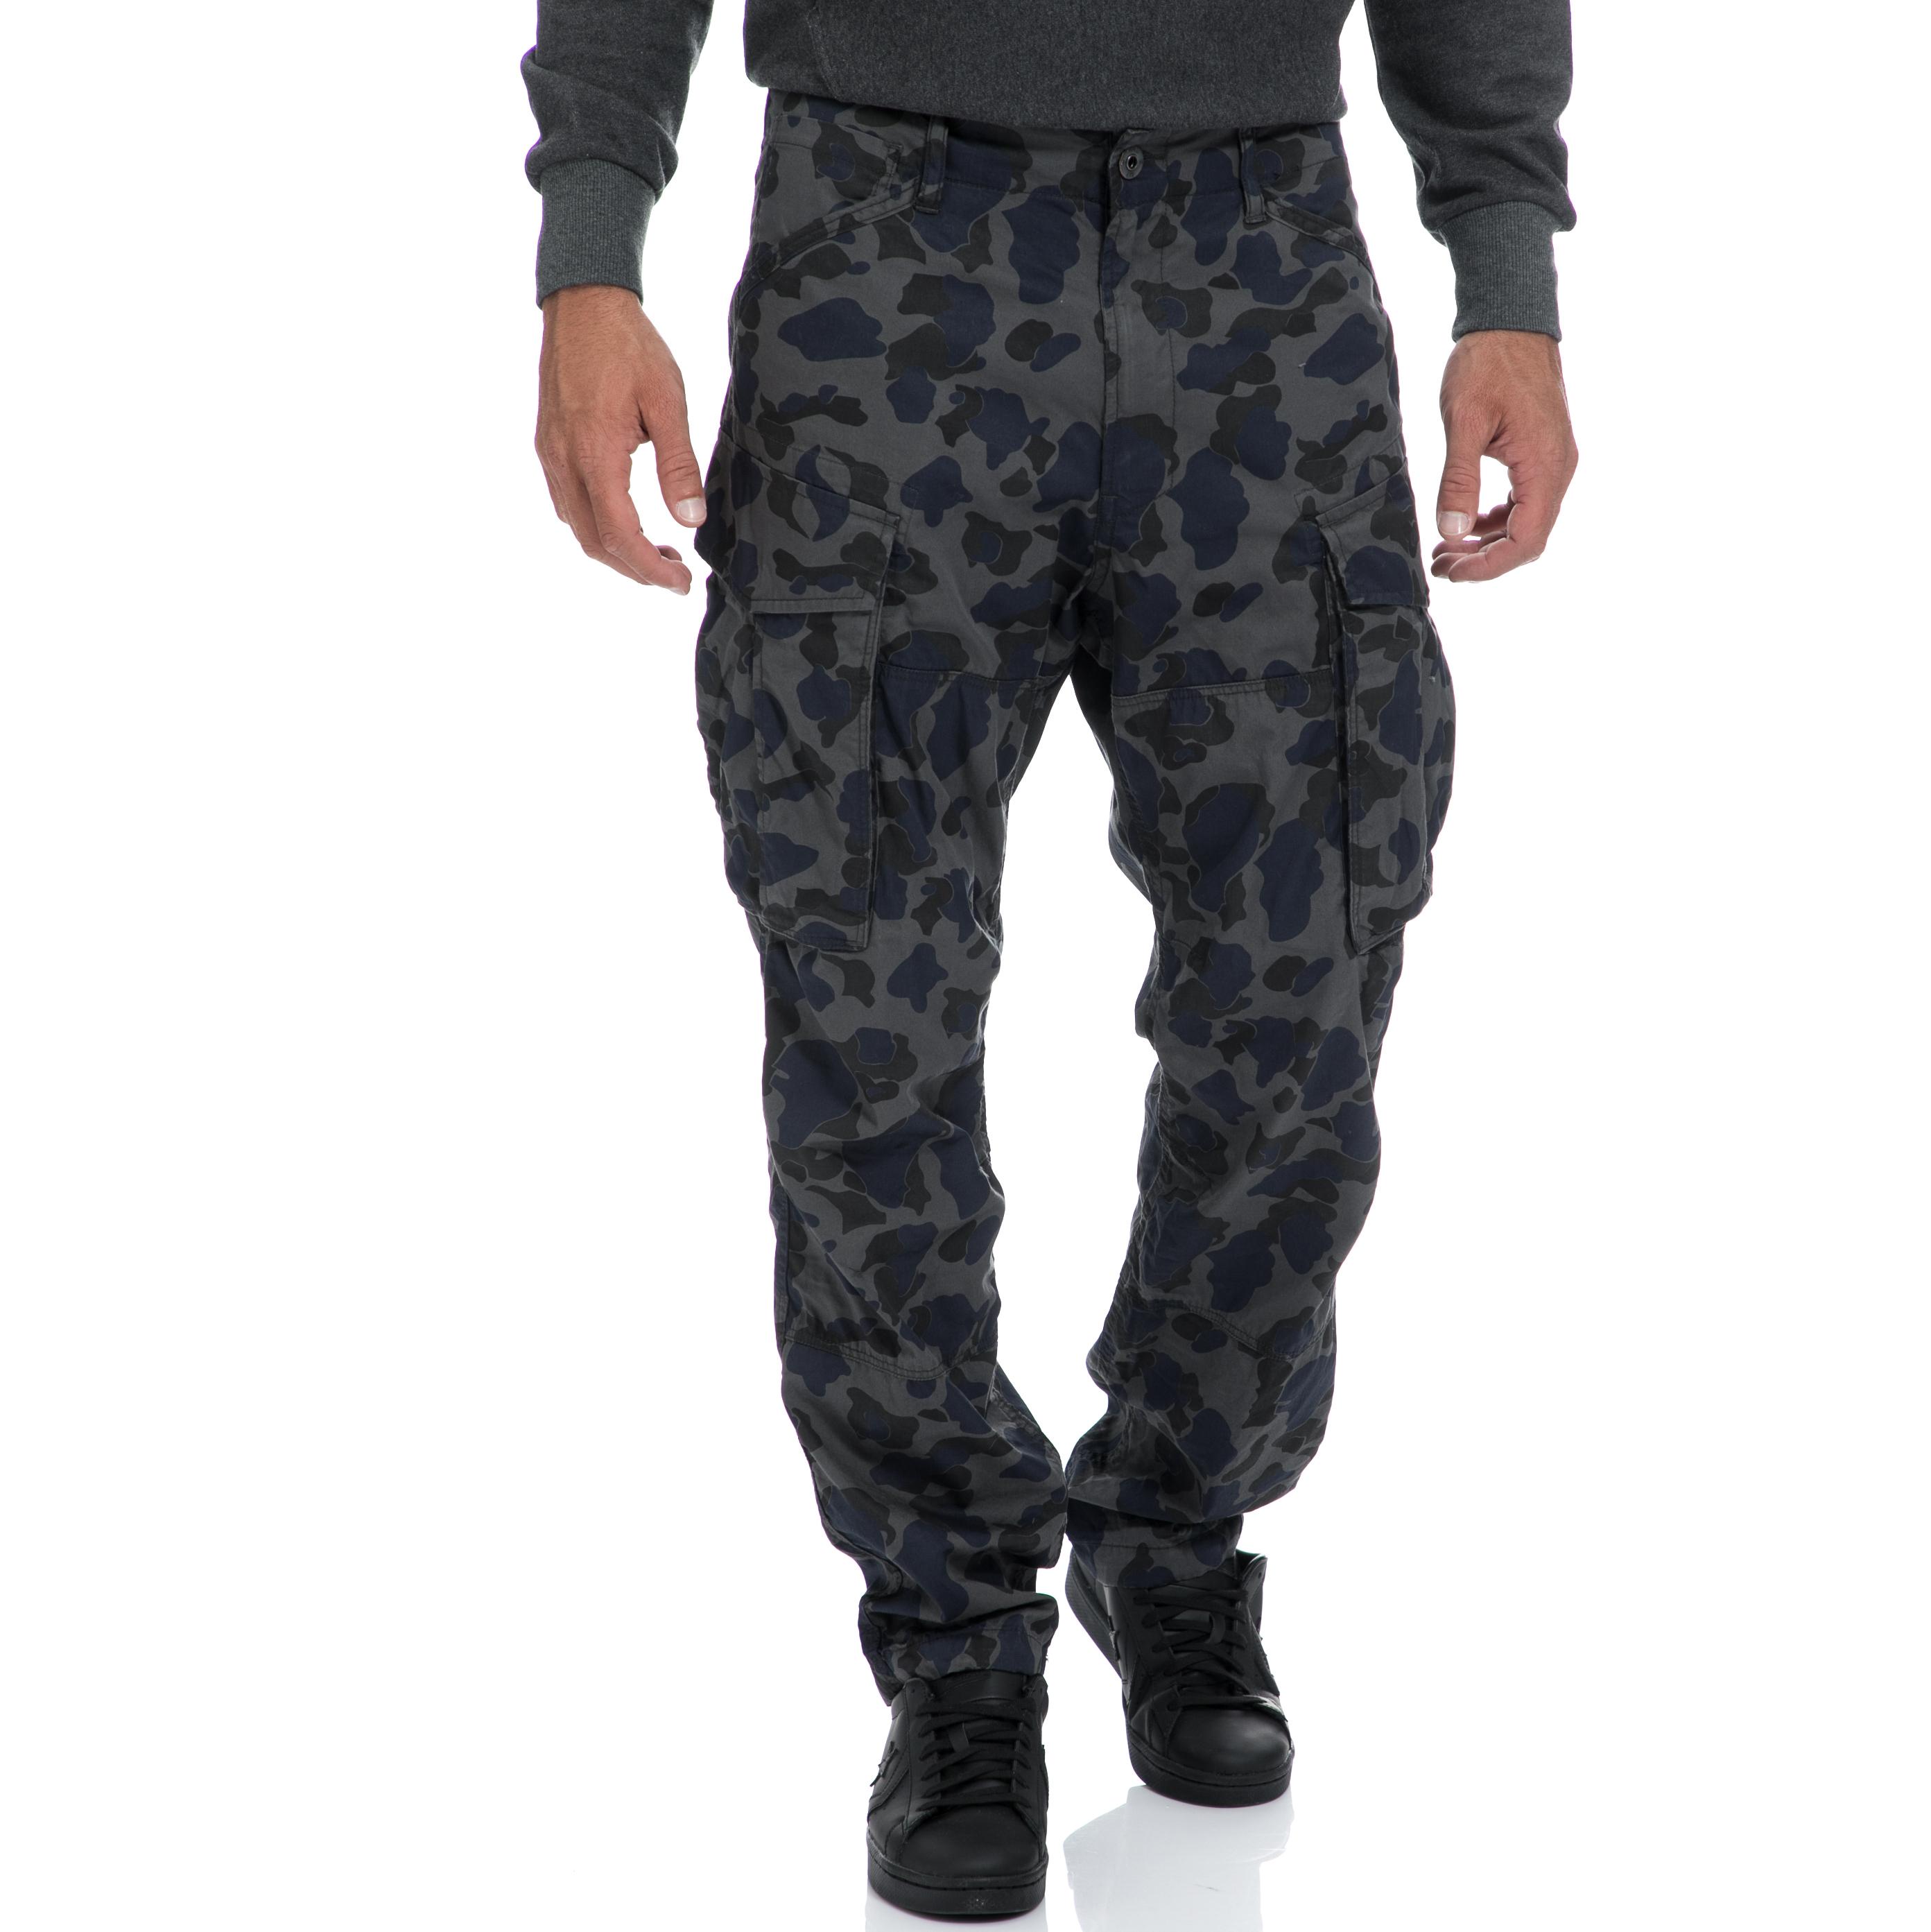 G-STAR RAW - Αντρικό παντελόνι G-STAR RAW γκρι ανδρικά ρούχα παντελόνια cargo